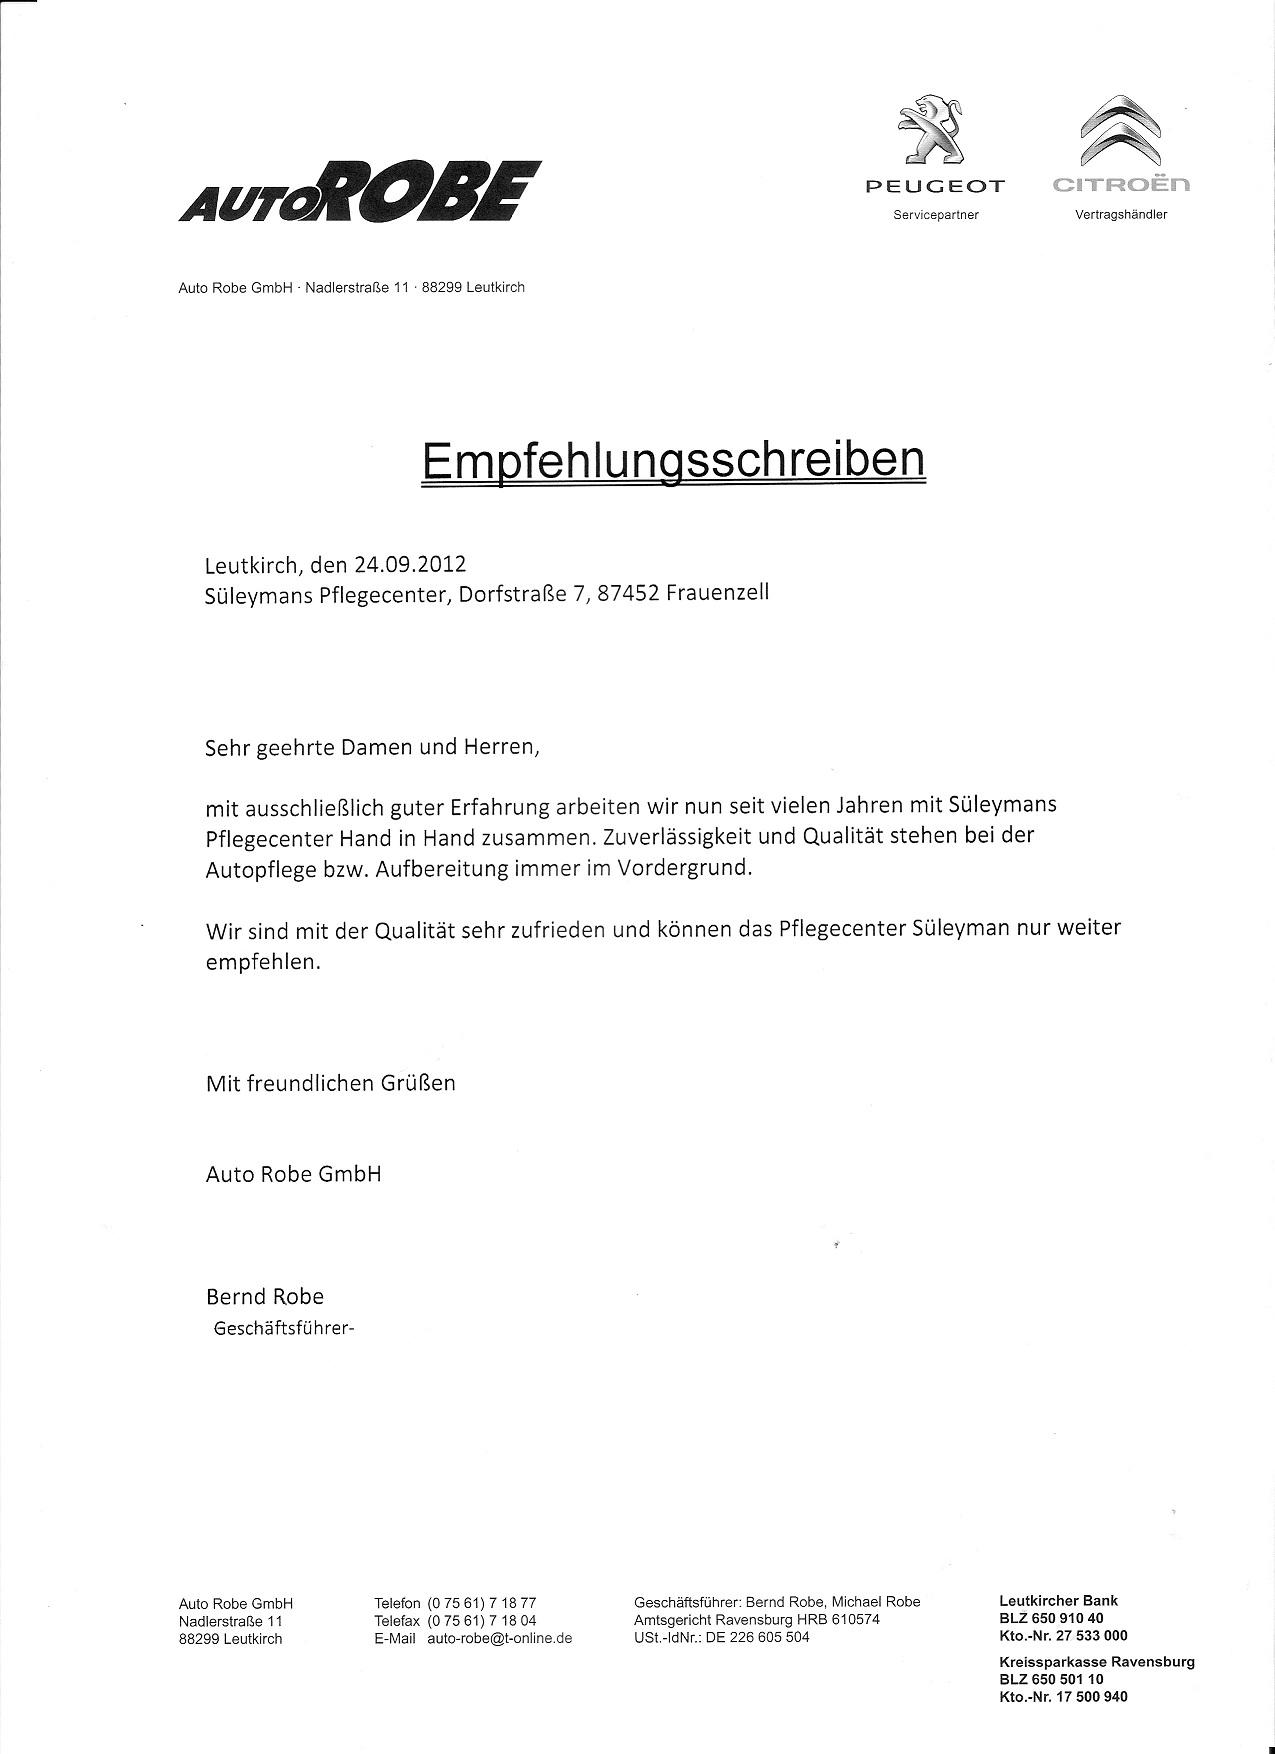 Empfehlungsschreiben-Autorobe